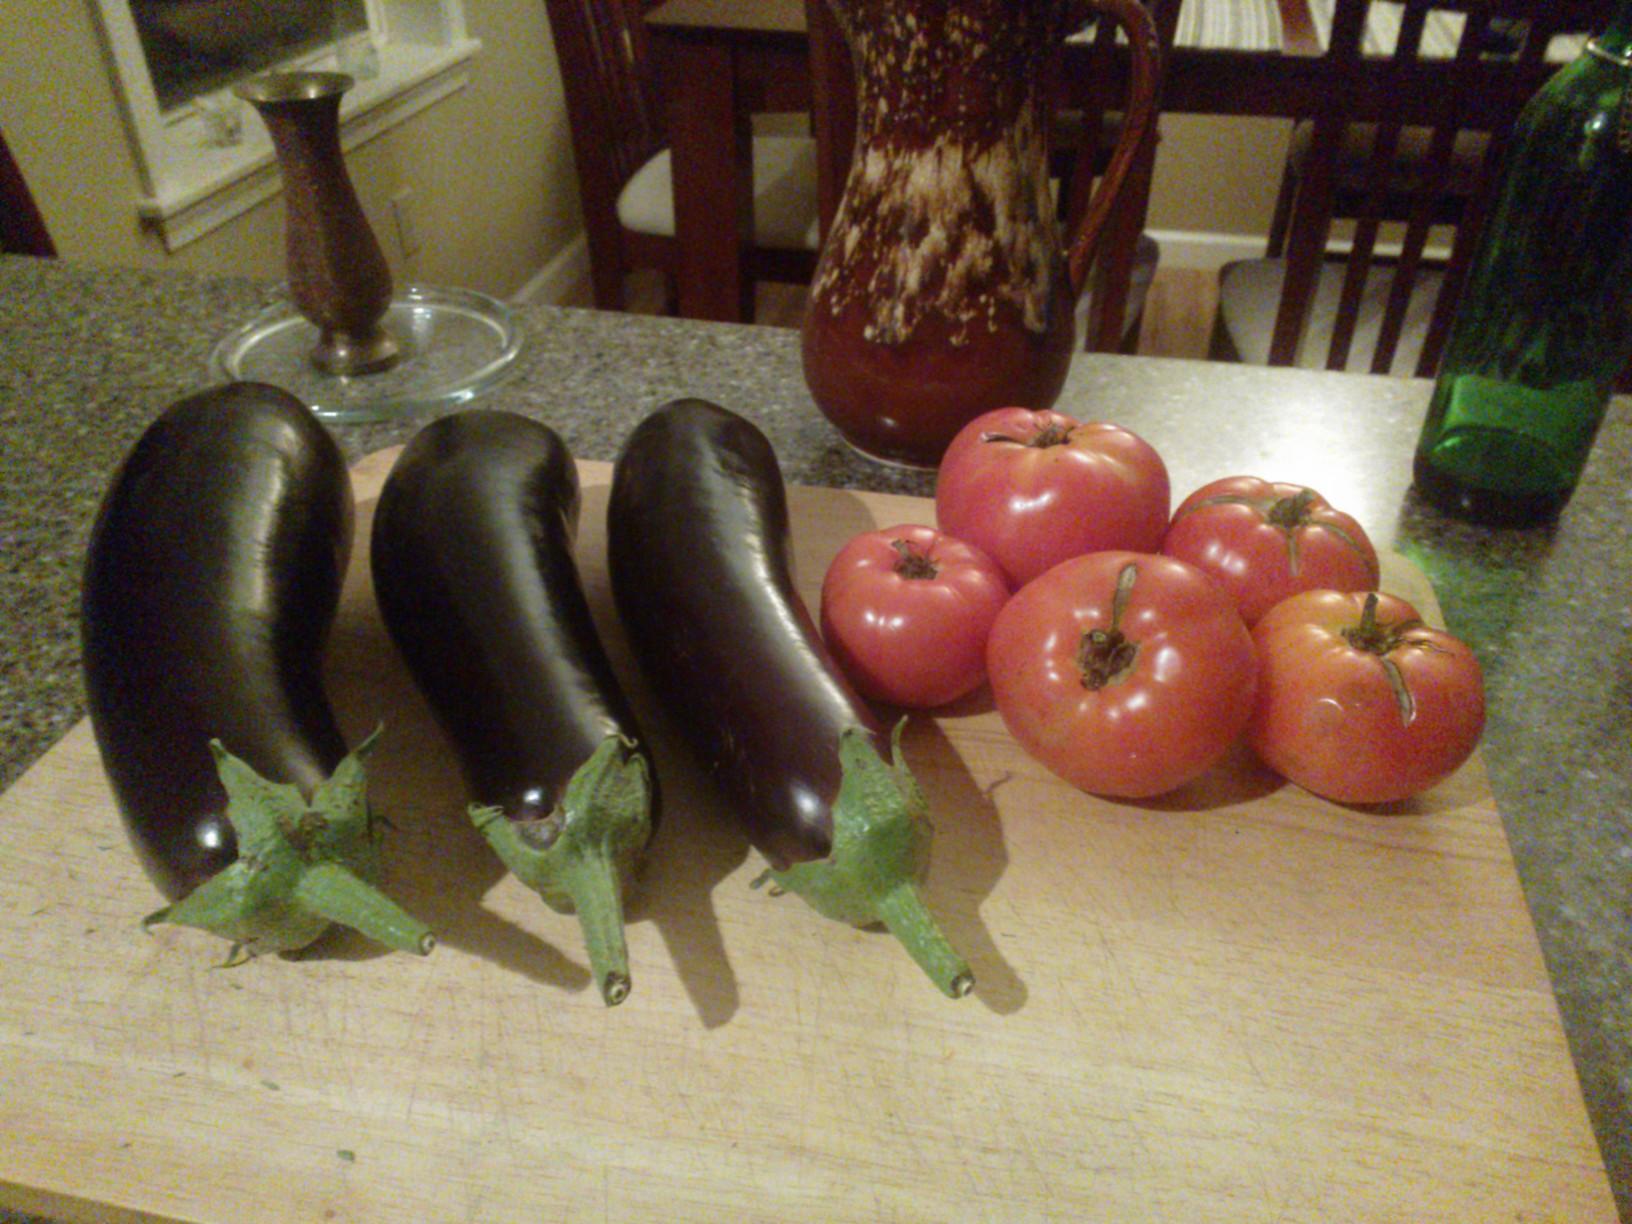 eggplant-tomatoes.jpg